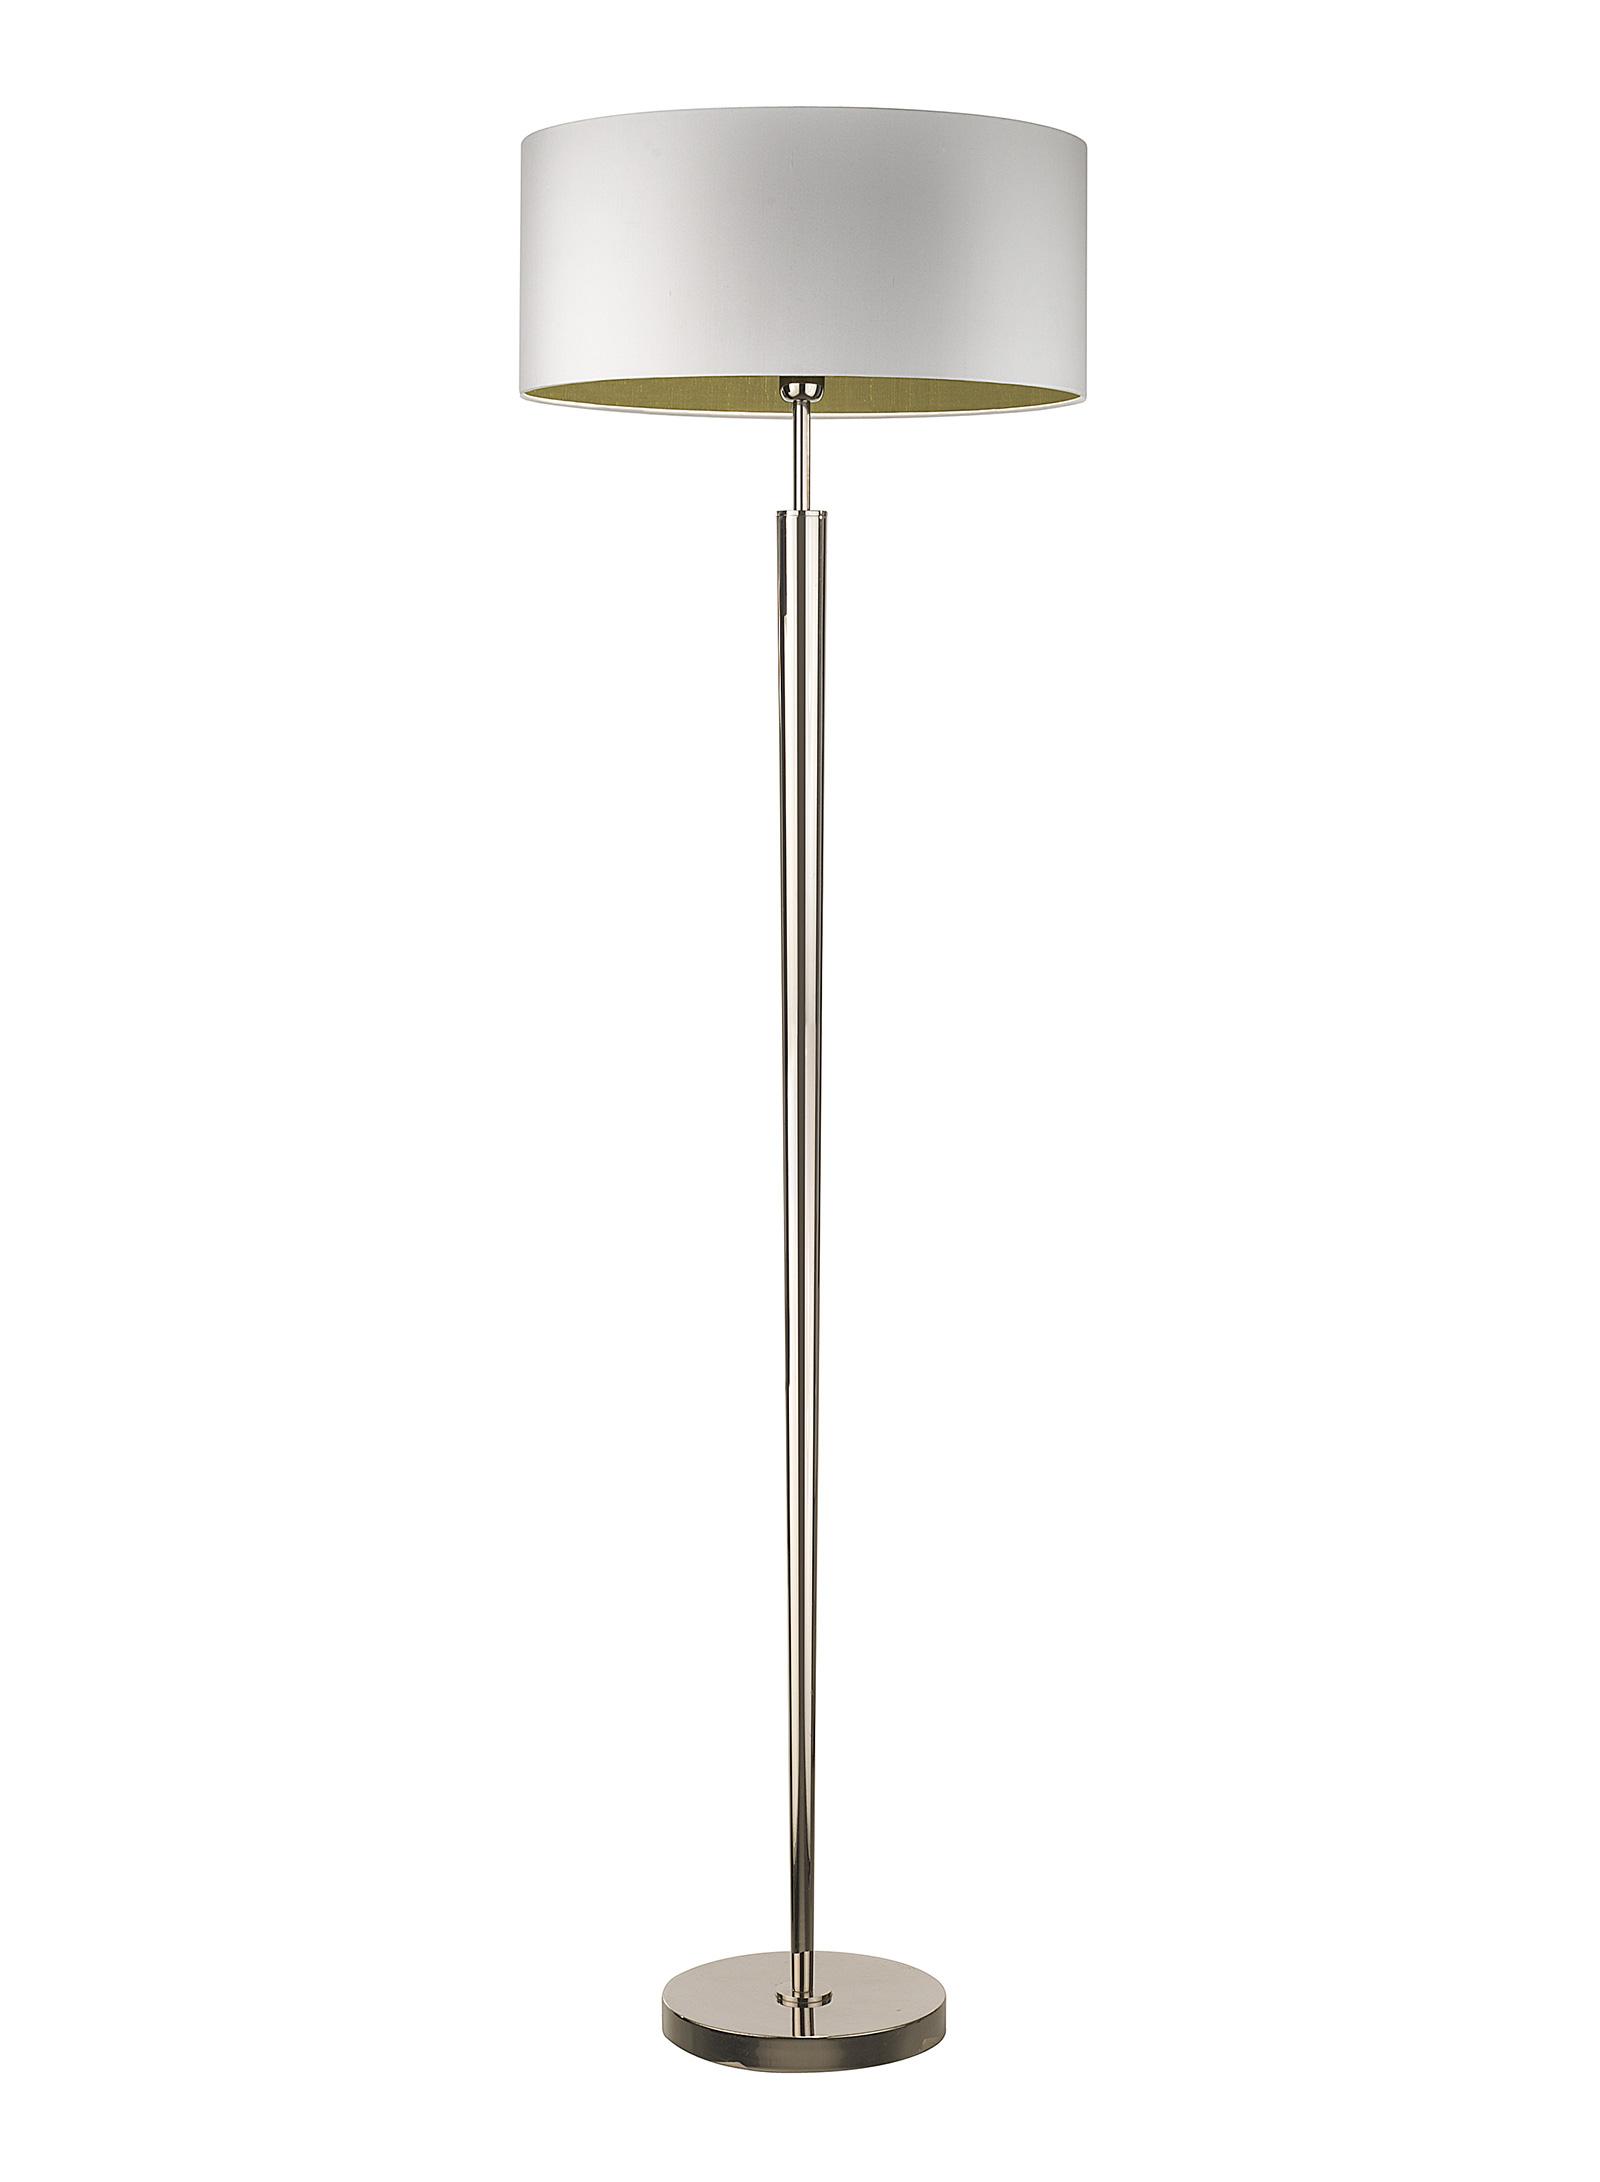 Torchere Floor Lamp